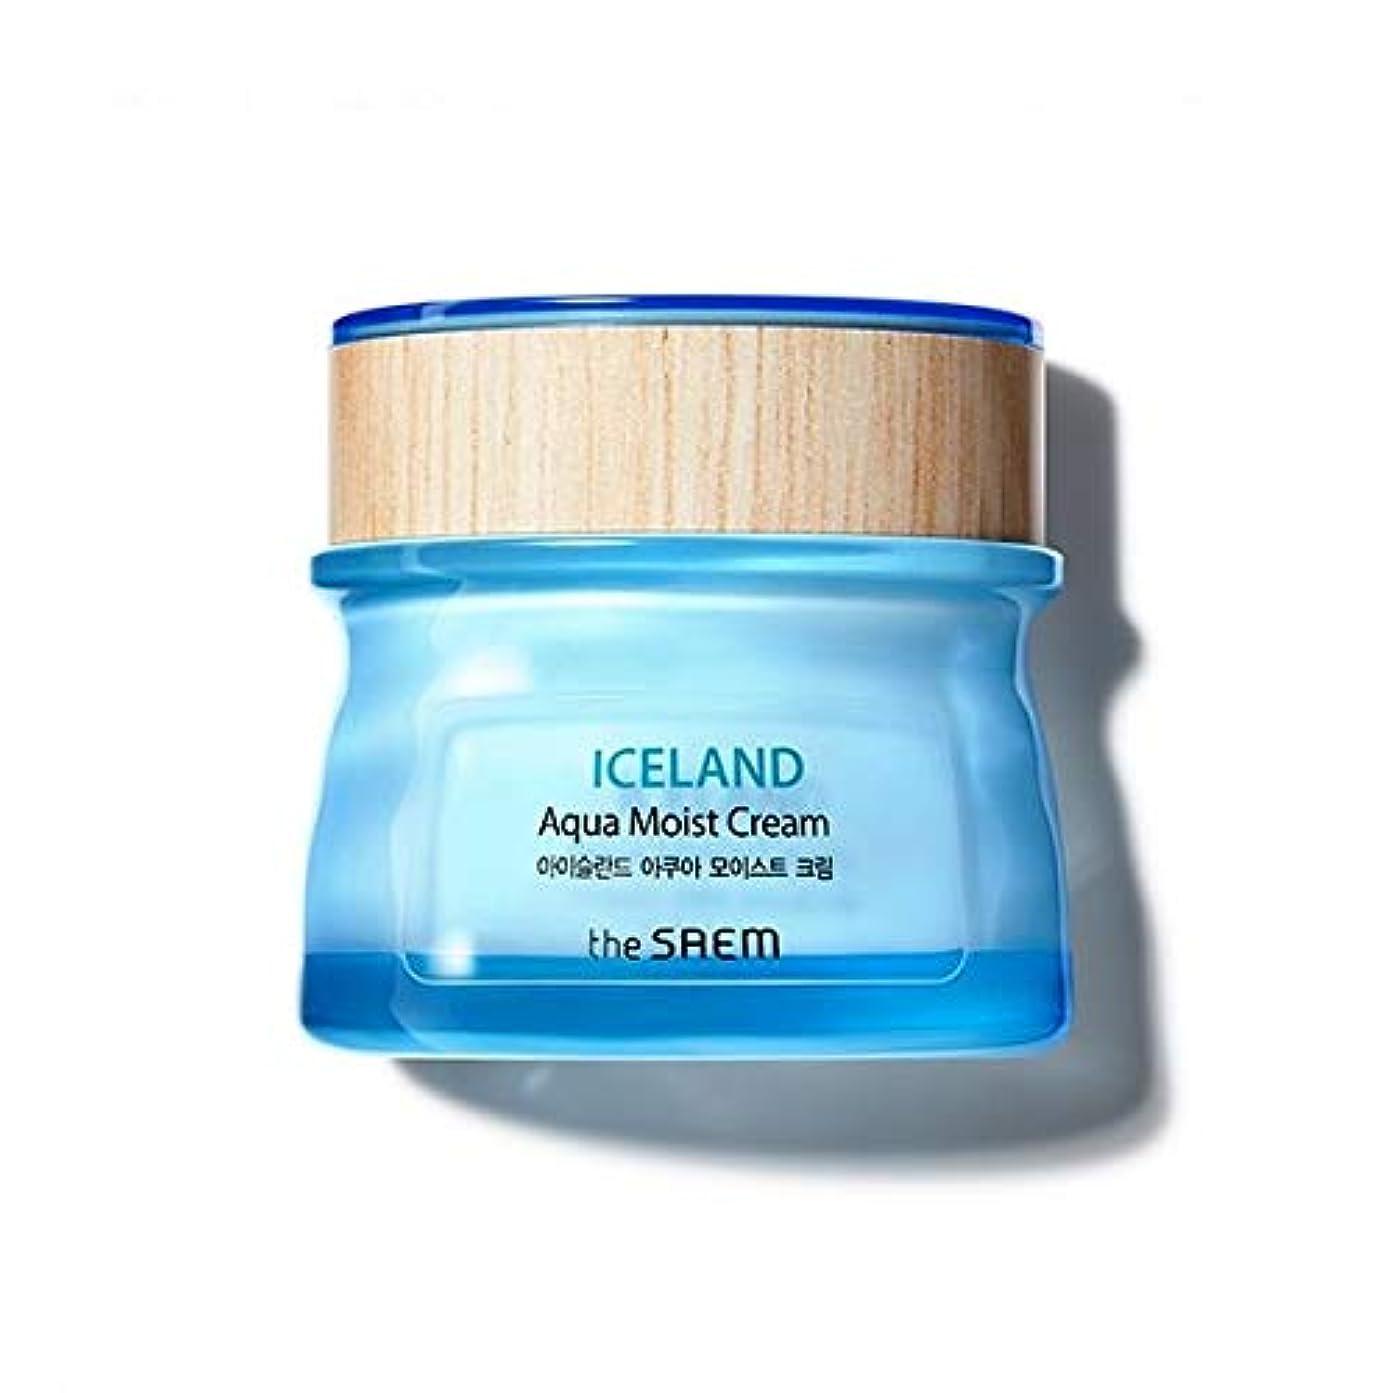 可動式切断するごみThe saem Iceland Apua Moist Cream ザセム アイスランド アクア モイスト クリーム 60ml [並行輸入品]